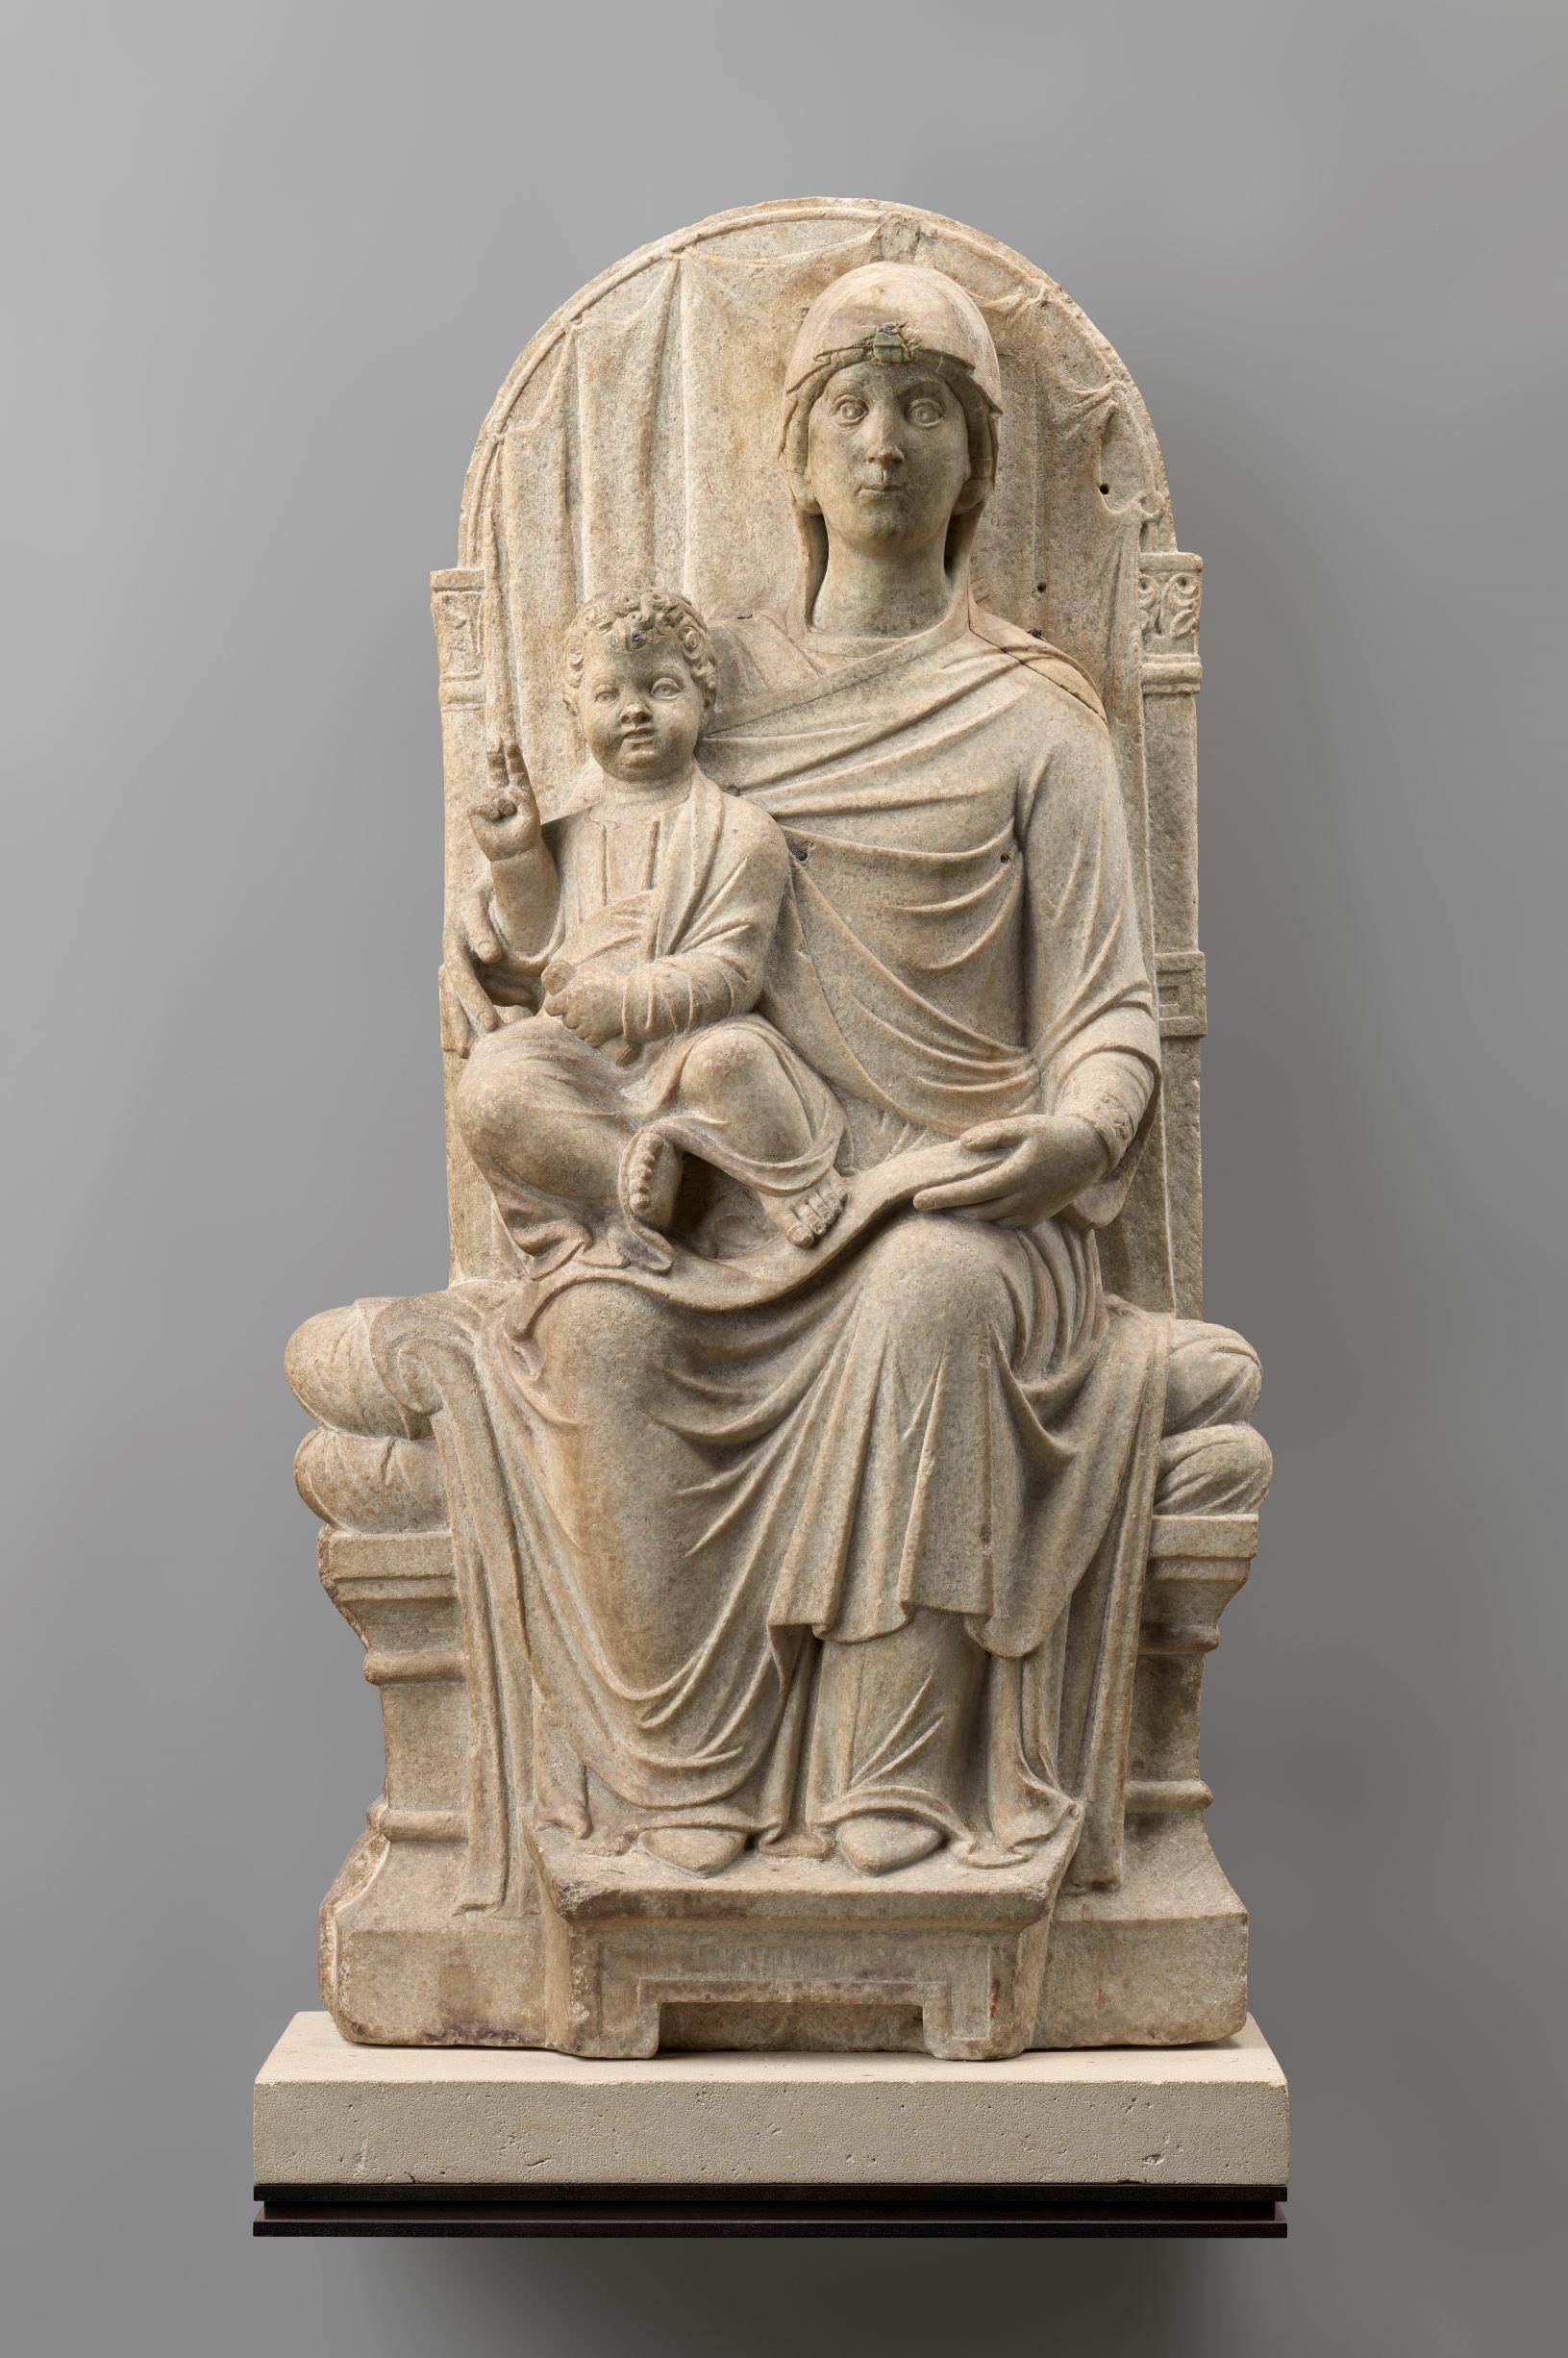 Maestro veneziano-ravennate (fine XIII sec.) Madonna in Trono con Bambino Altorilievo, marmo, cm. 93. 5 x cm. 51. 5 x cm. 1. 95 Parigi, Museo del Louvre. Foto via COmune di Ravenna.